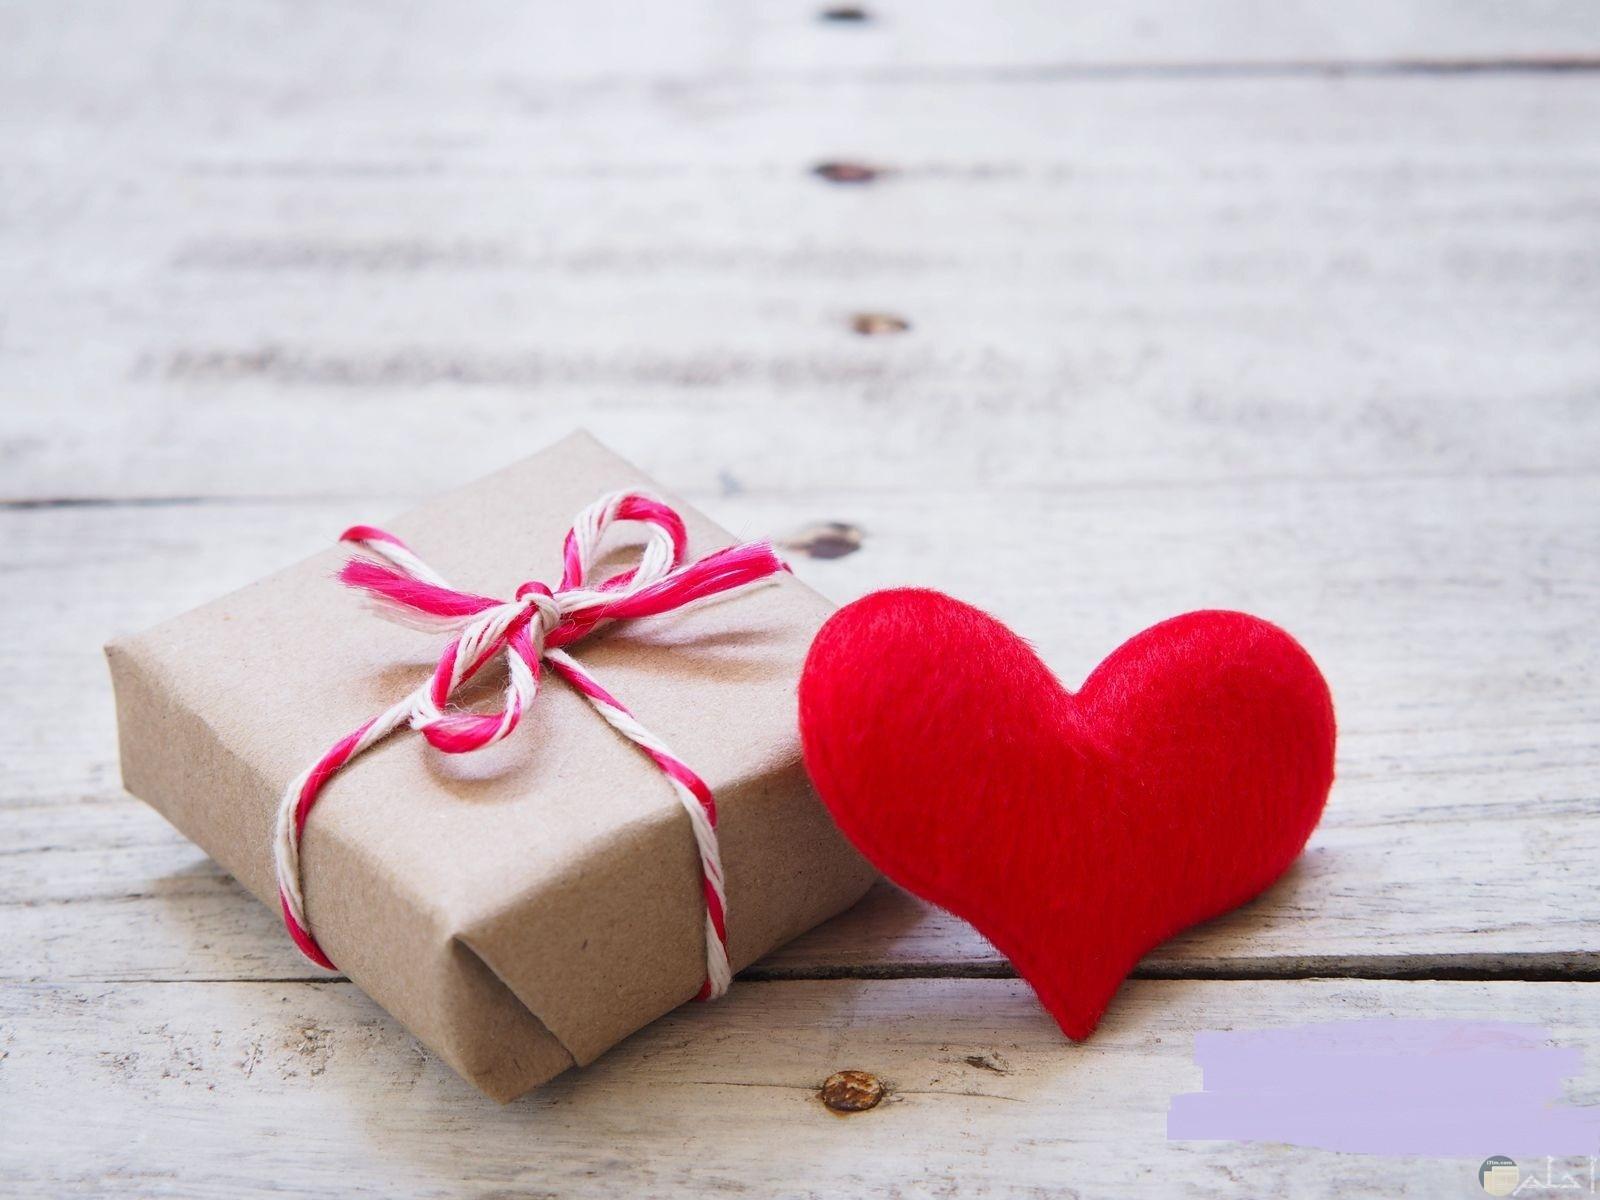 صورة قلب مع هدية بالحب.